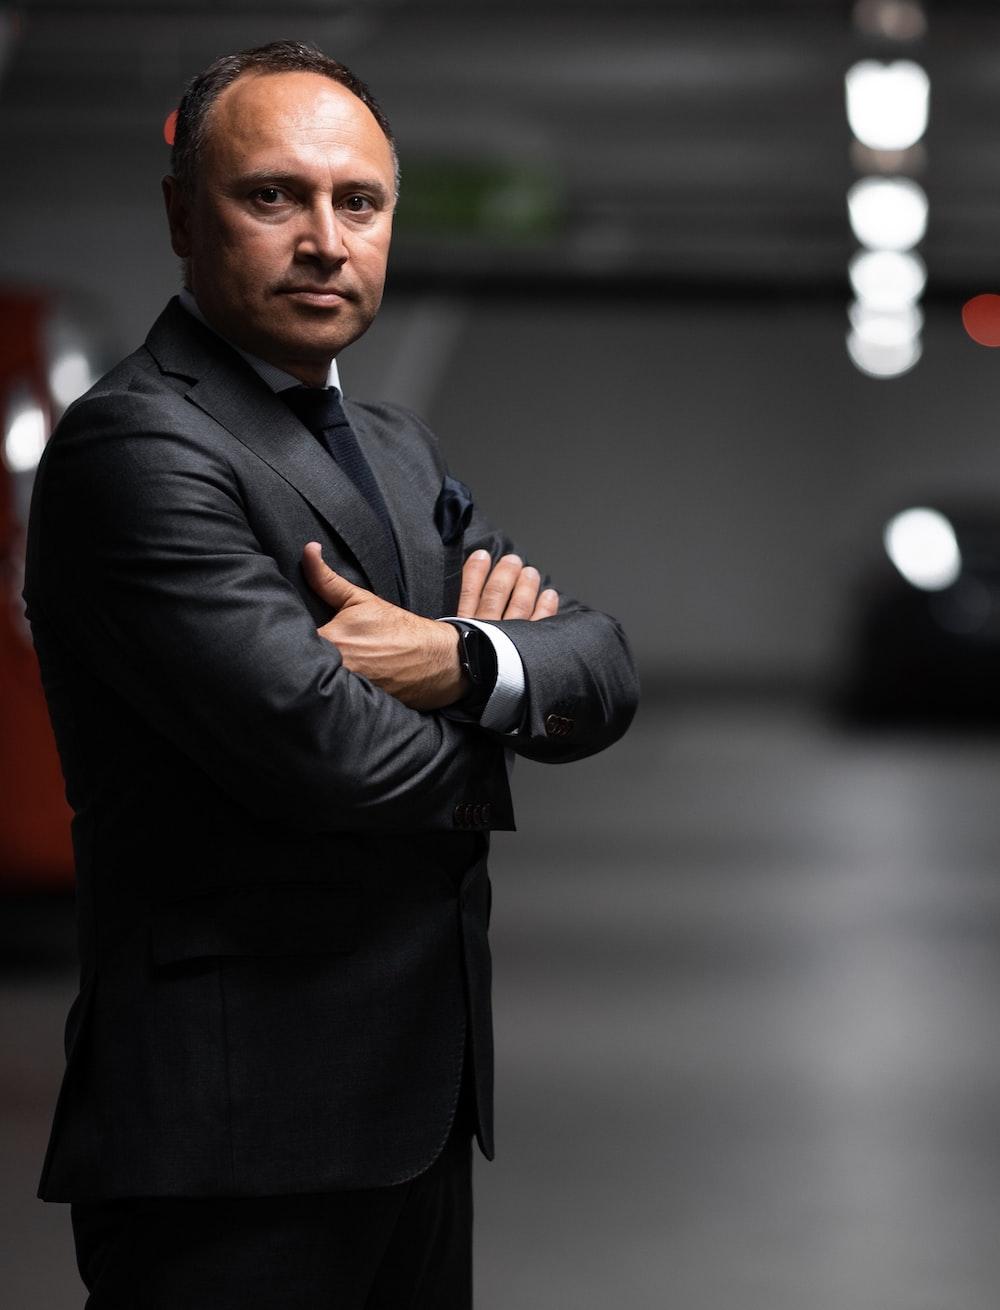 man wearing black dress suit